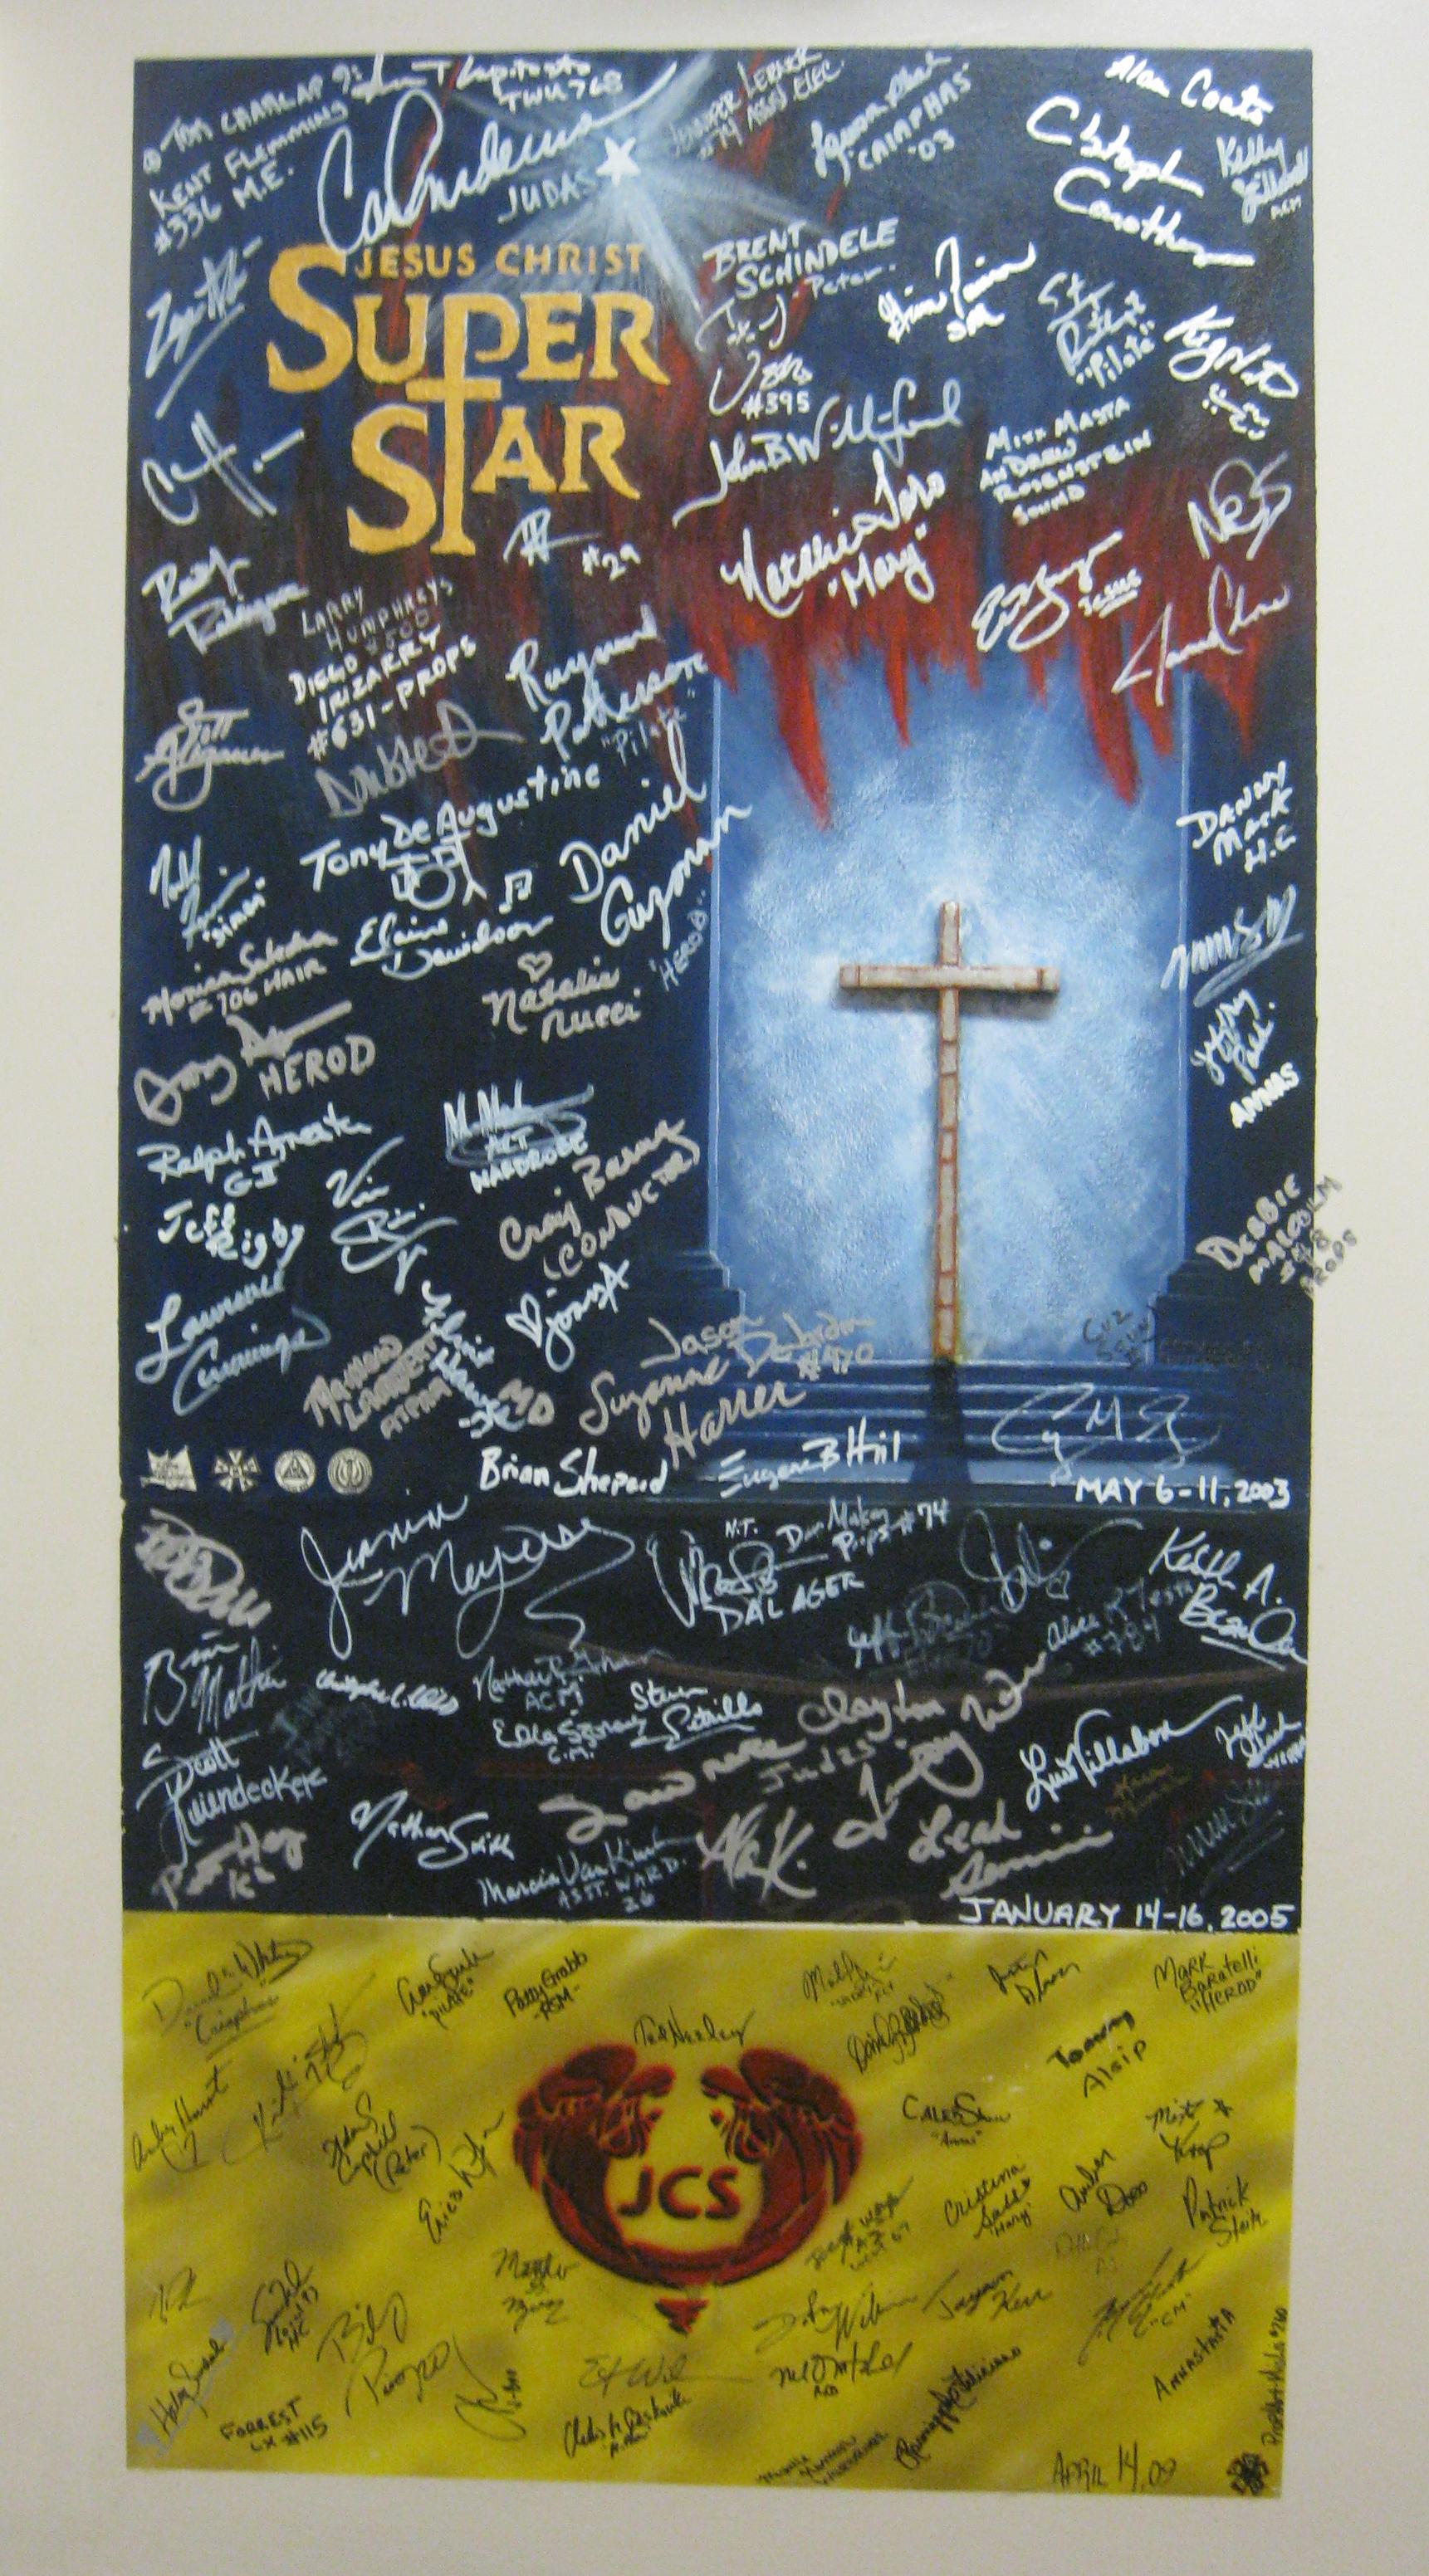 Jesus Christ Super Star 2005 & 2009.png